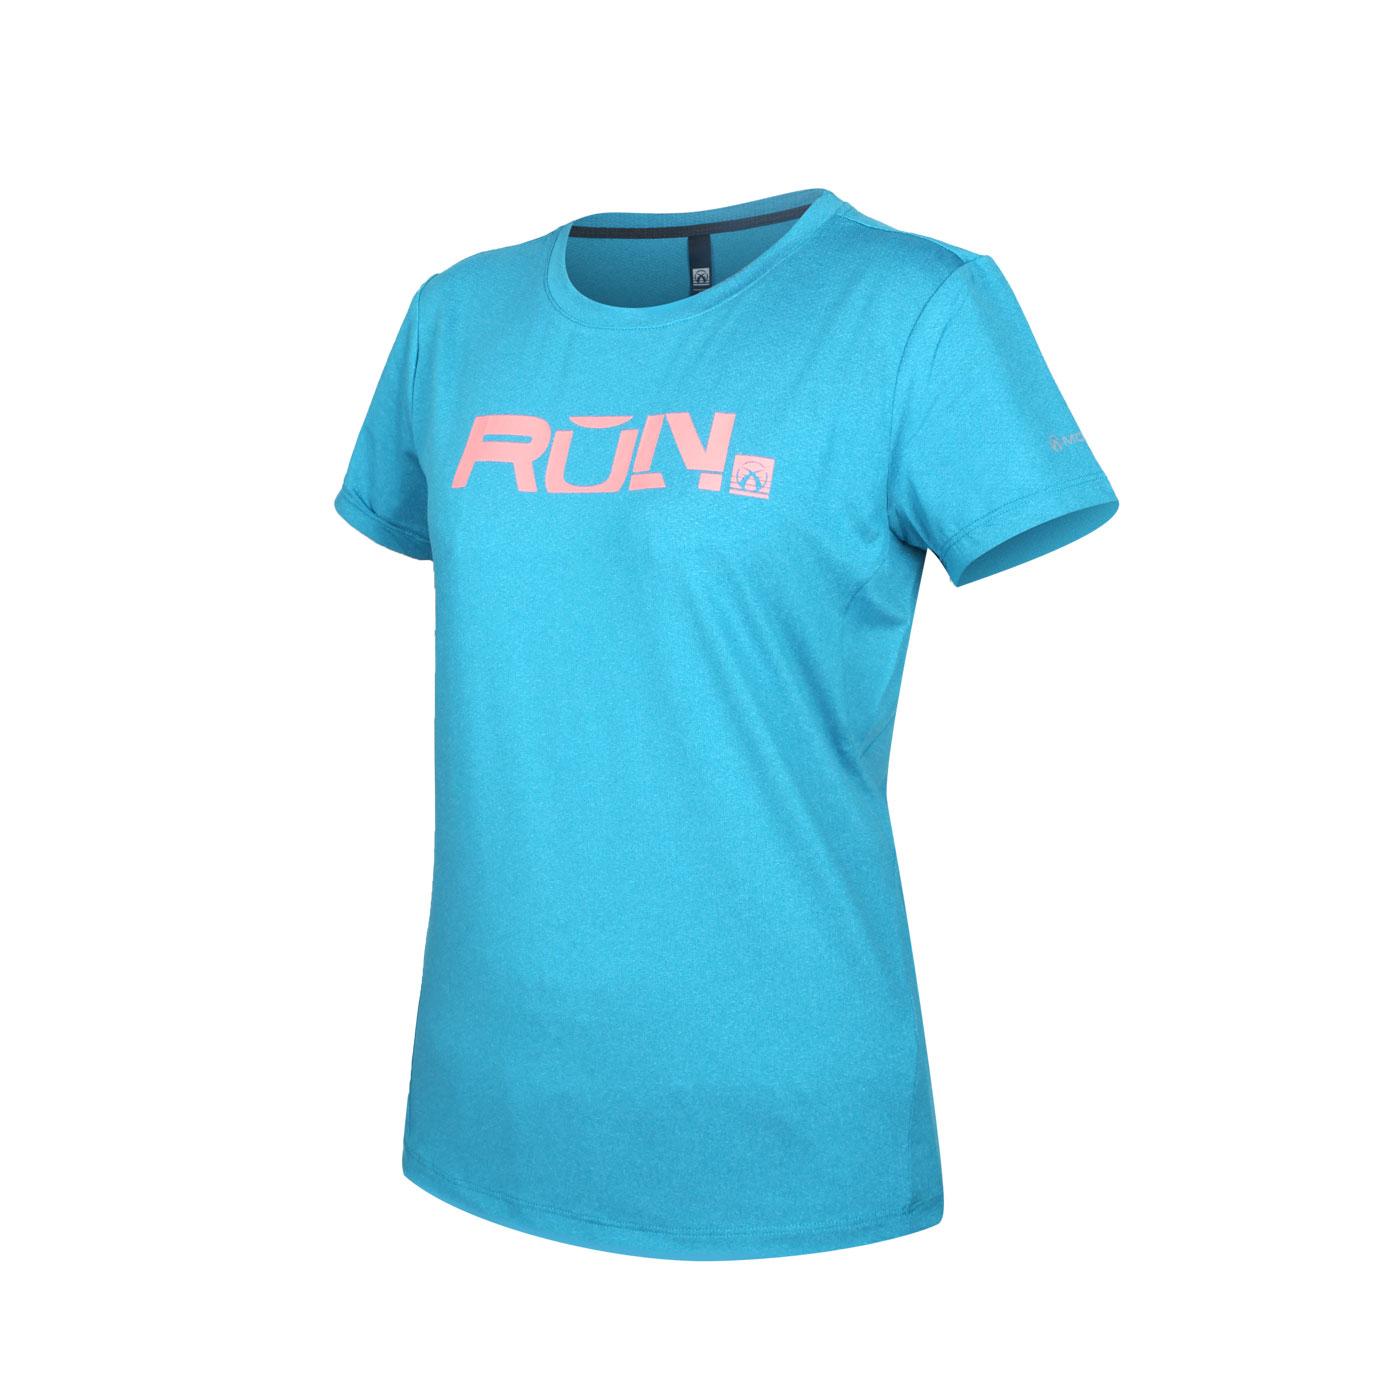 FIRESTAR 女款彈性印花圓領短袖T恤 DL063-19 - 湖水藍粉橘